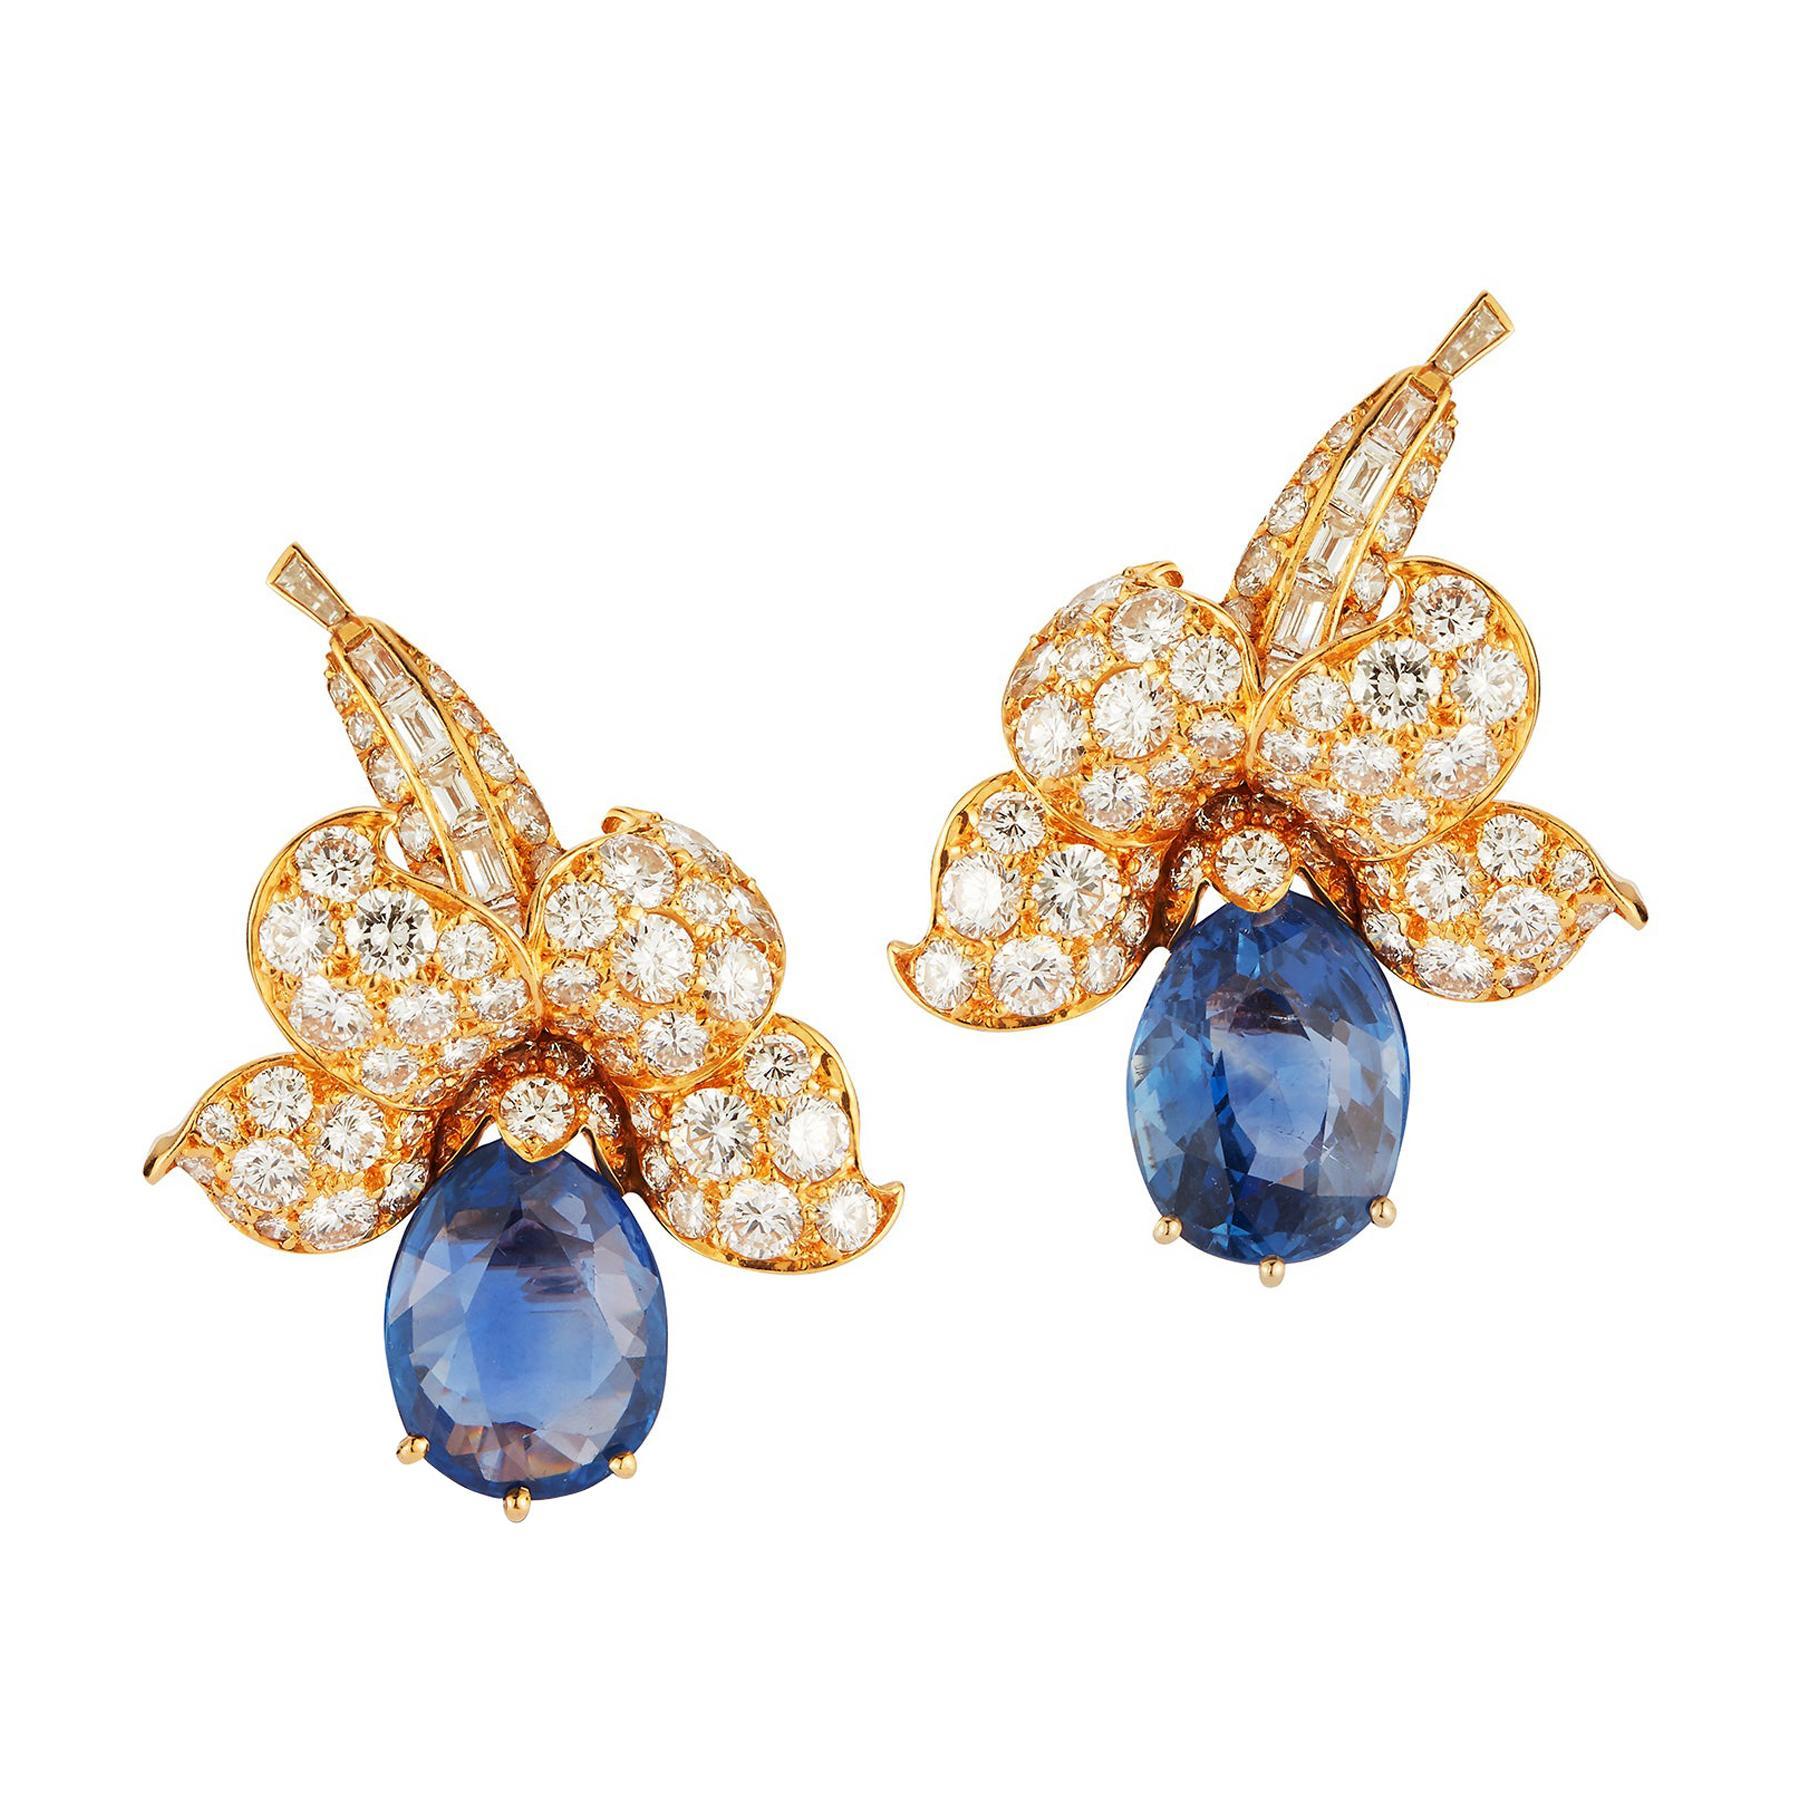 Van Cleef & Arpels Sapphire & Diamond Flower Earrings